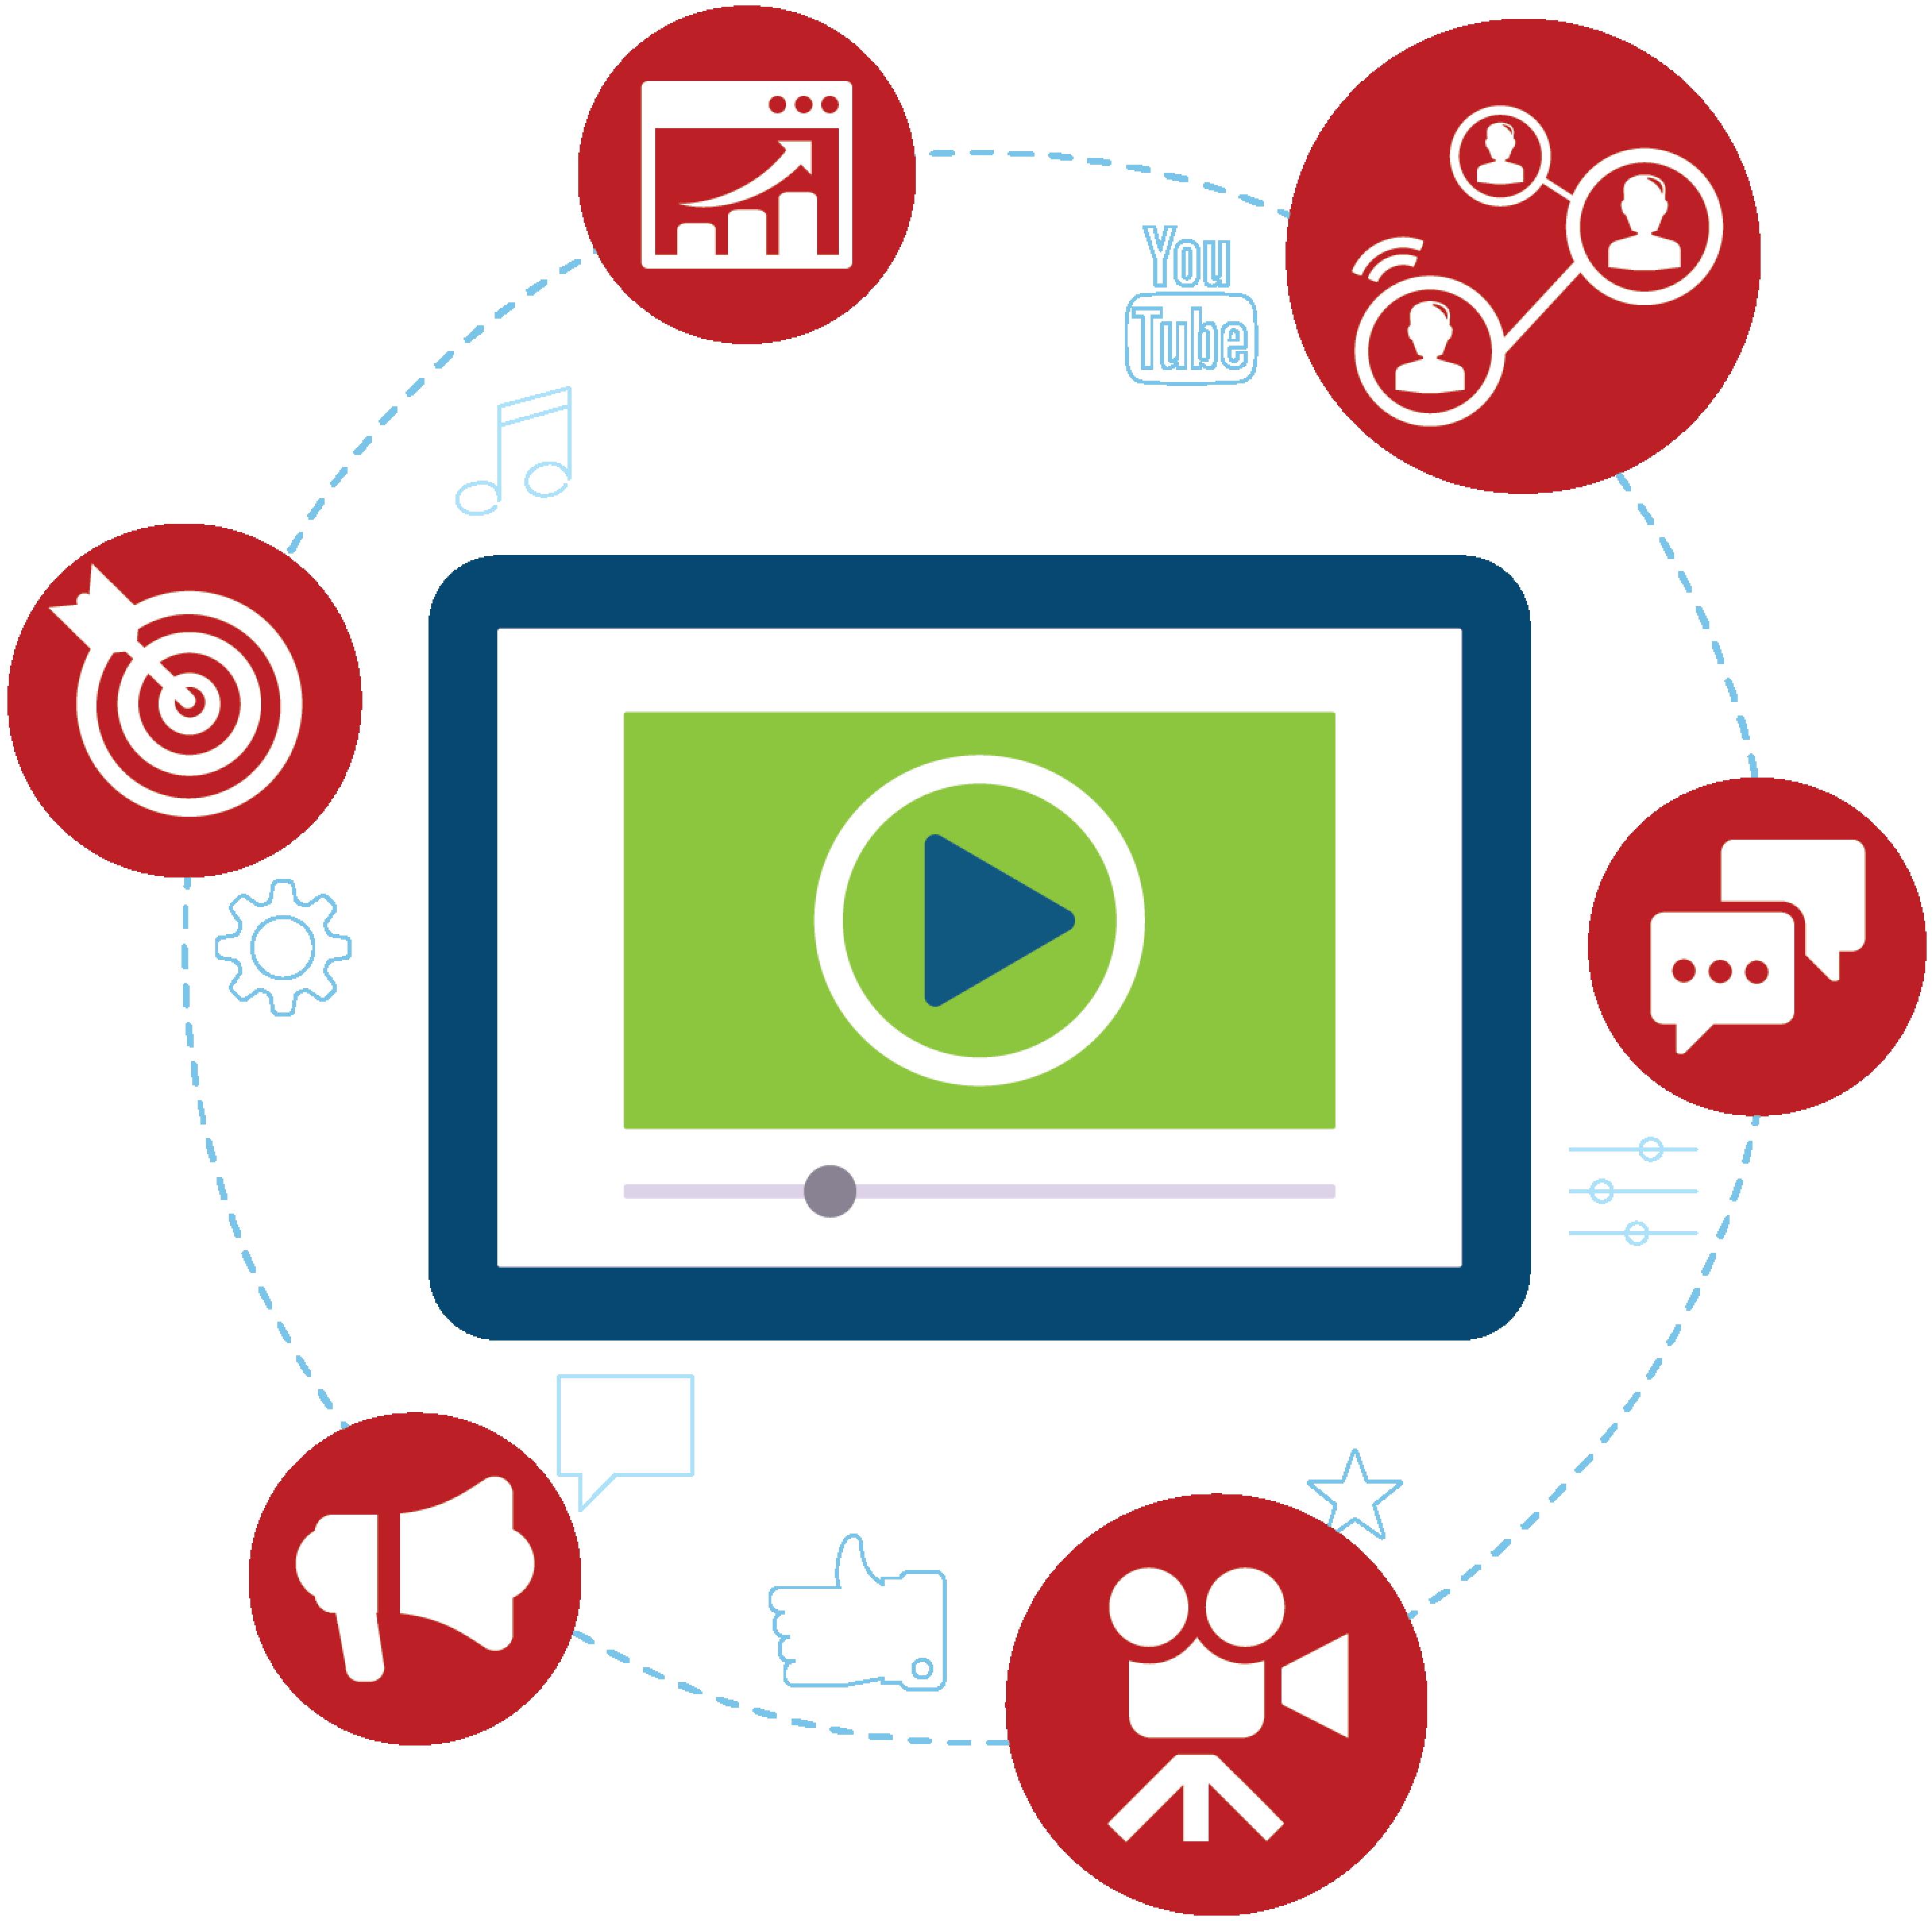 Pictogramme représentant la vidéo marketing